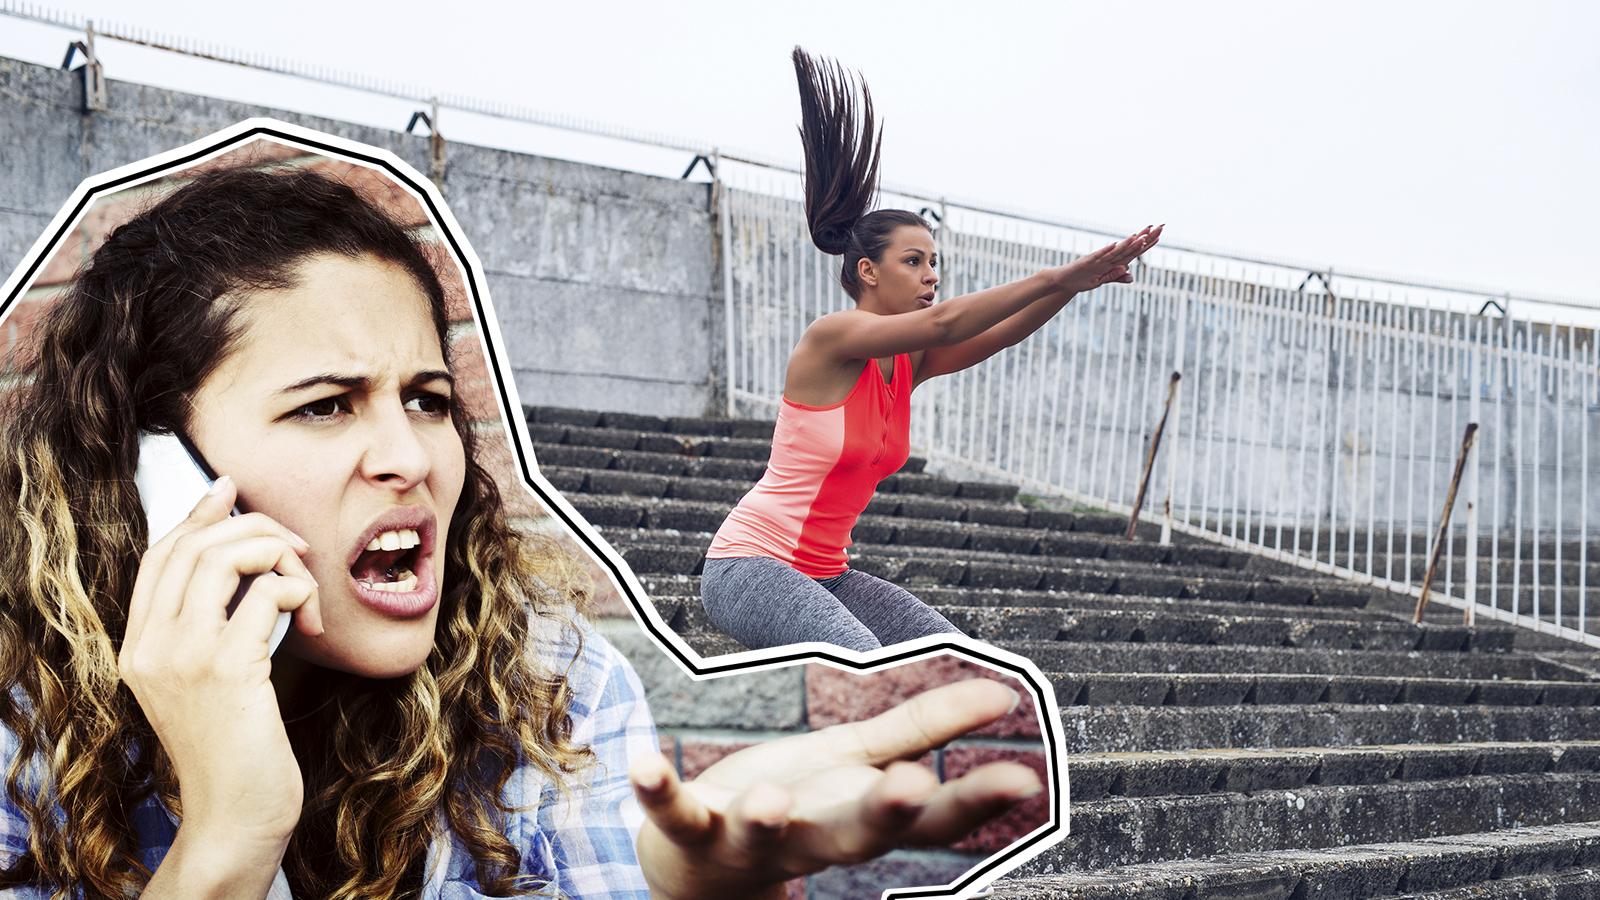 Fluchen beim Sport um fitter zu werden